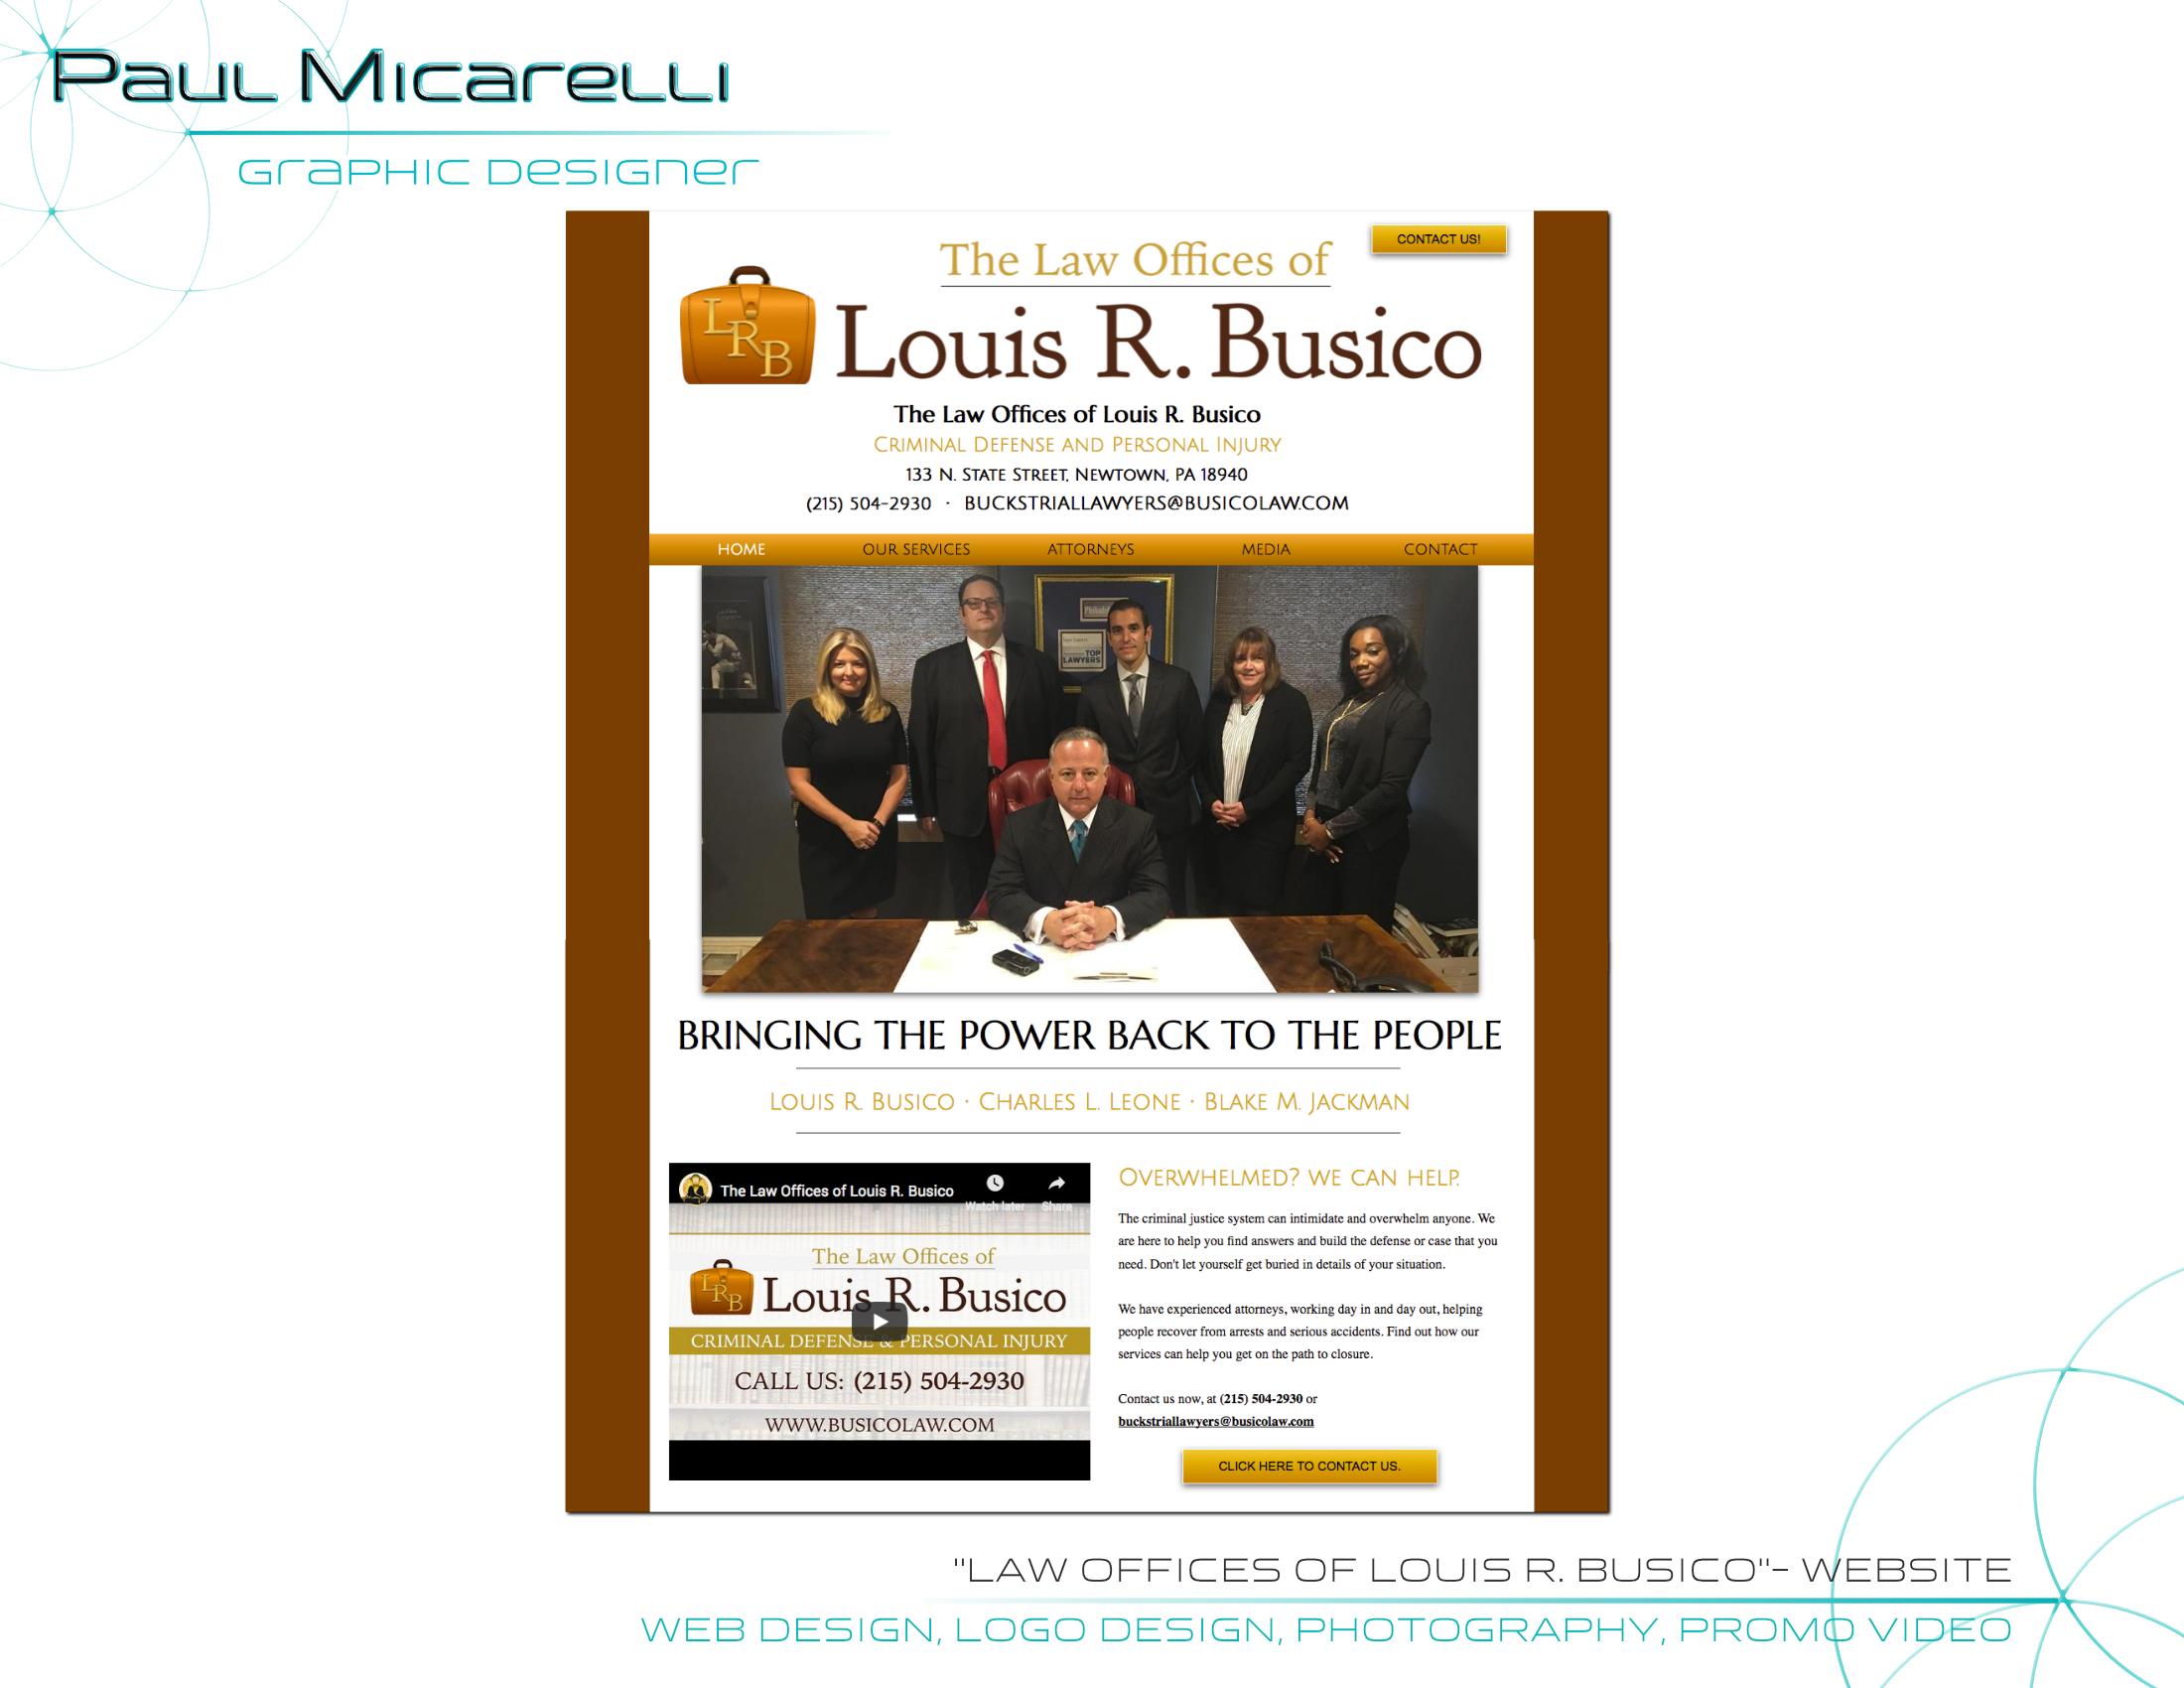 Paul-Micarelli-Busico Law Website